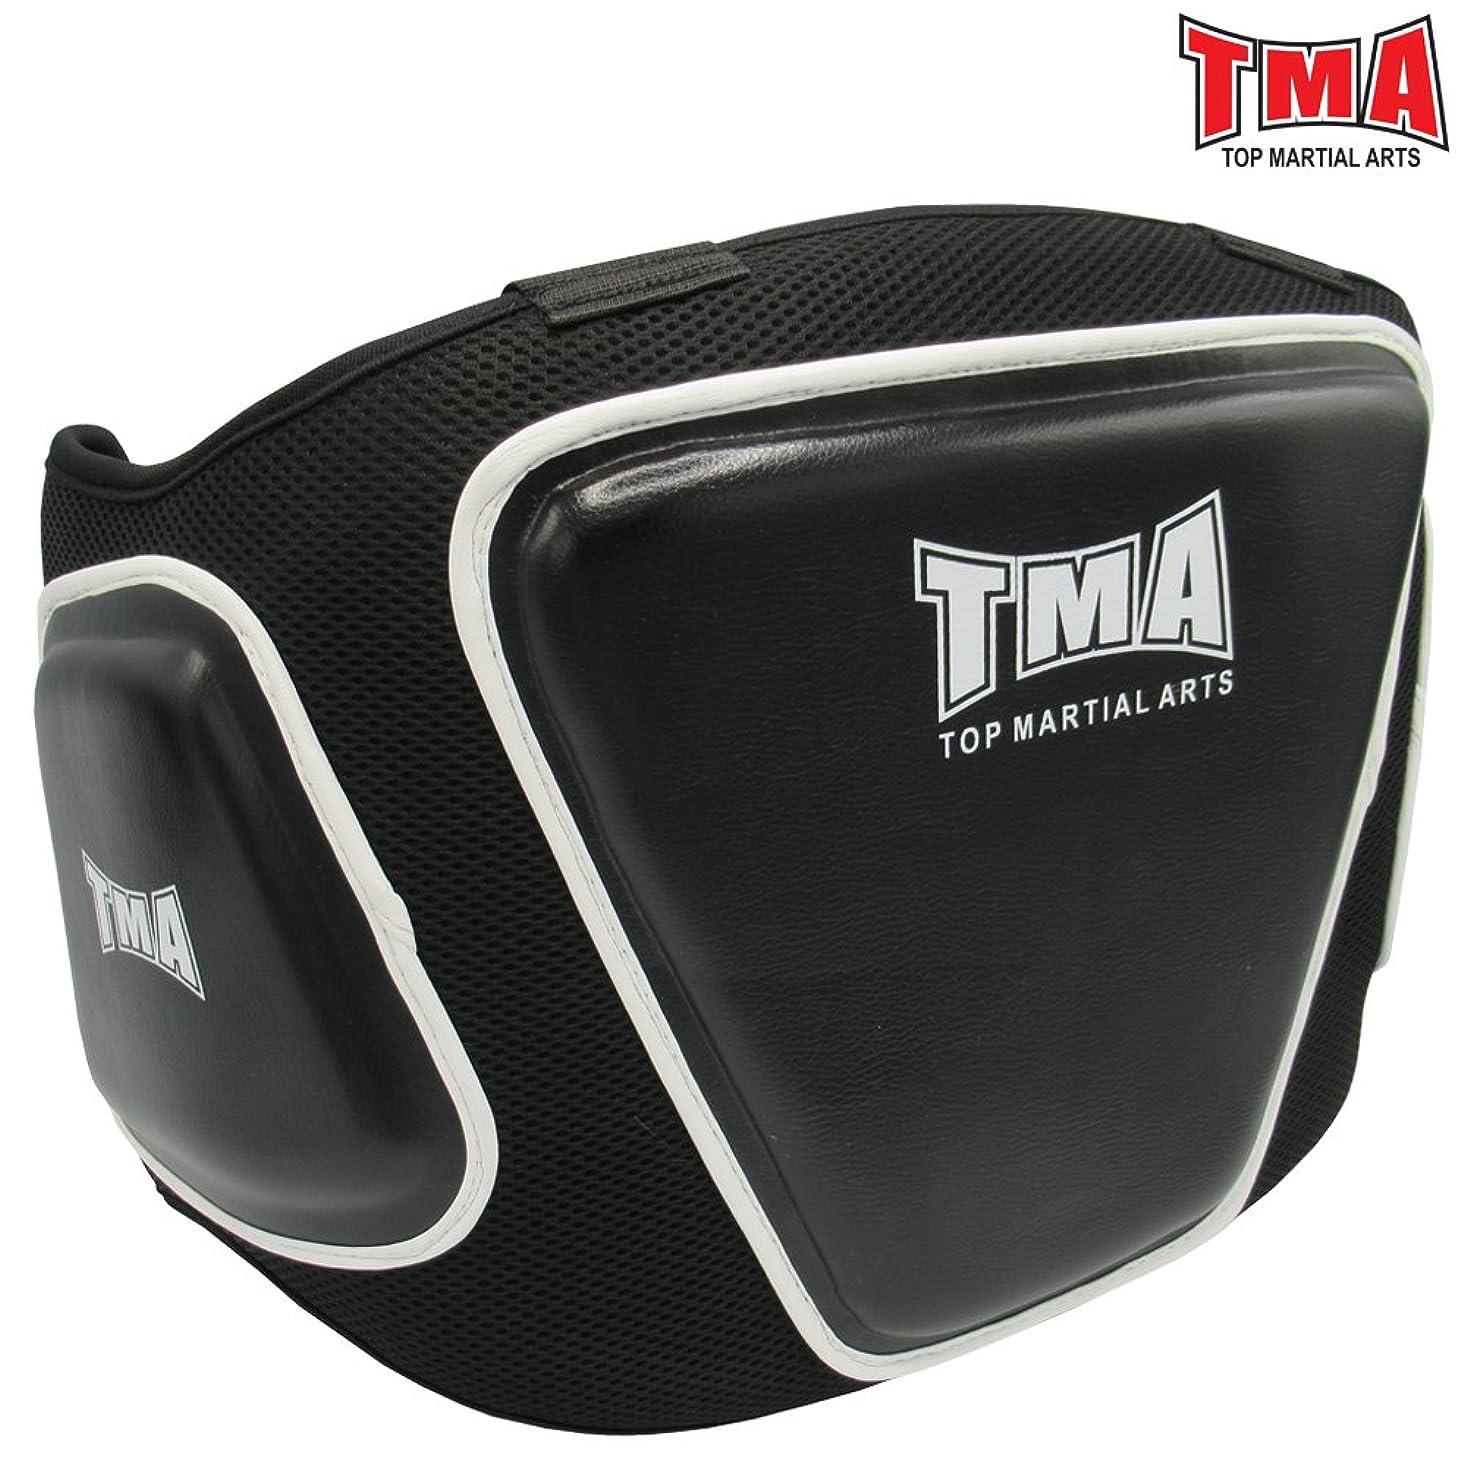 アラブサラボきらめく役員TMA Boxingベリーパッド胸ガードMMAボディプロテクター格闘技テコンドーリブShield Armourトレーニング